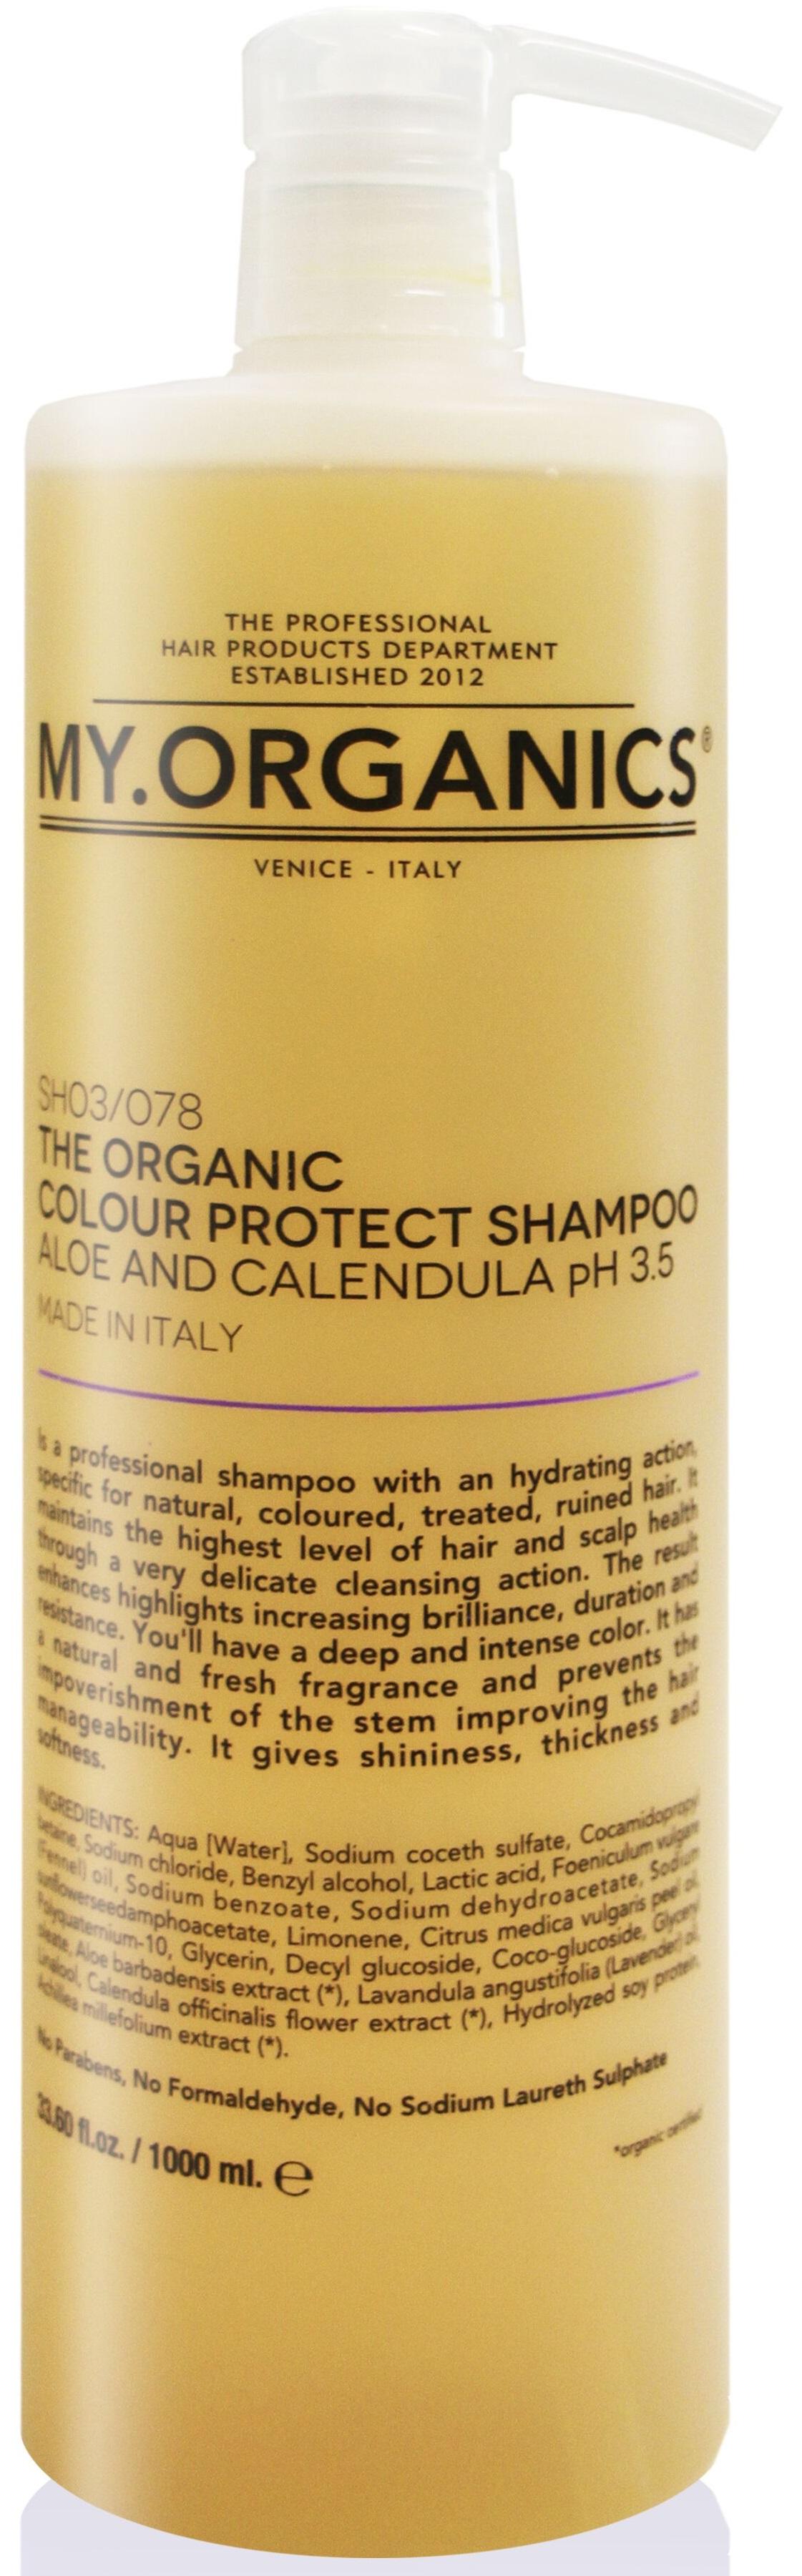 MY.ORGANICS The Organic Colour Protect Shampoo Aloe And Calendula 1000ml